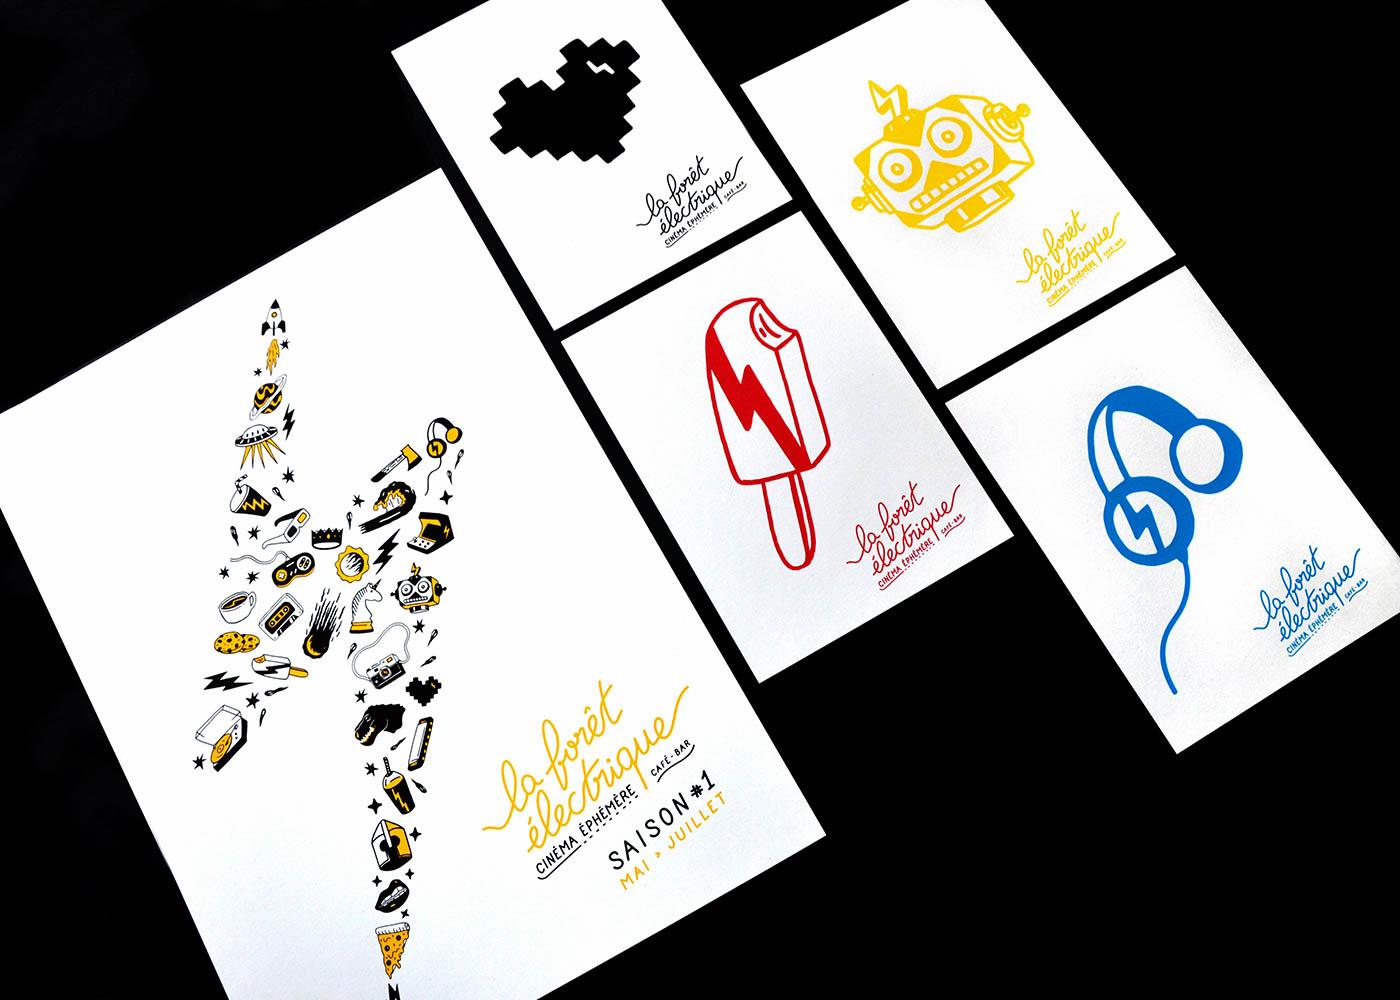 Photo d'ensemble de l'affiche A3 en 2 couleurs et des cartes A5 imprimées en sérigraphie par Superfruit pour la Foret Electrique. Quatre visuels différents : coeur, glace, casque audio et robot disponibles dans quatre couleurs.